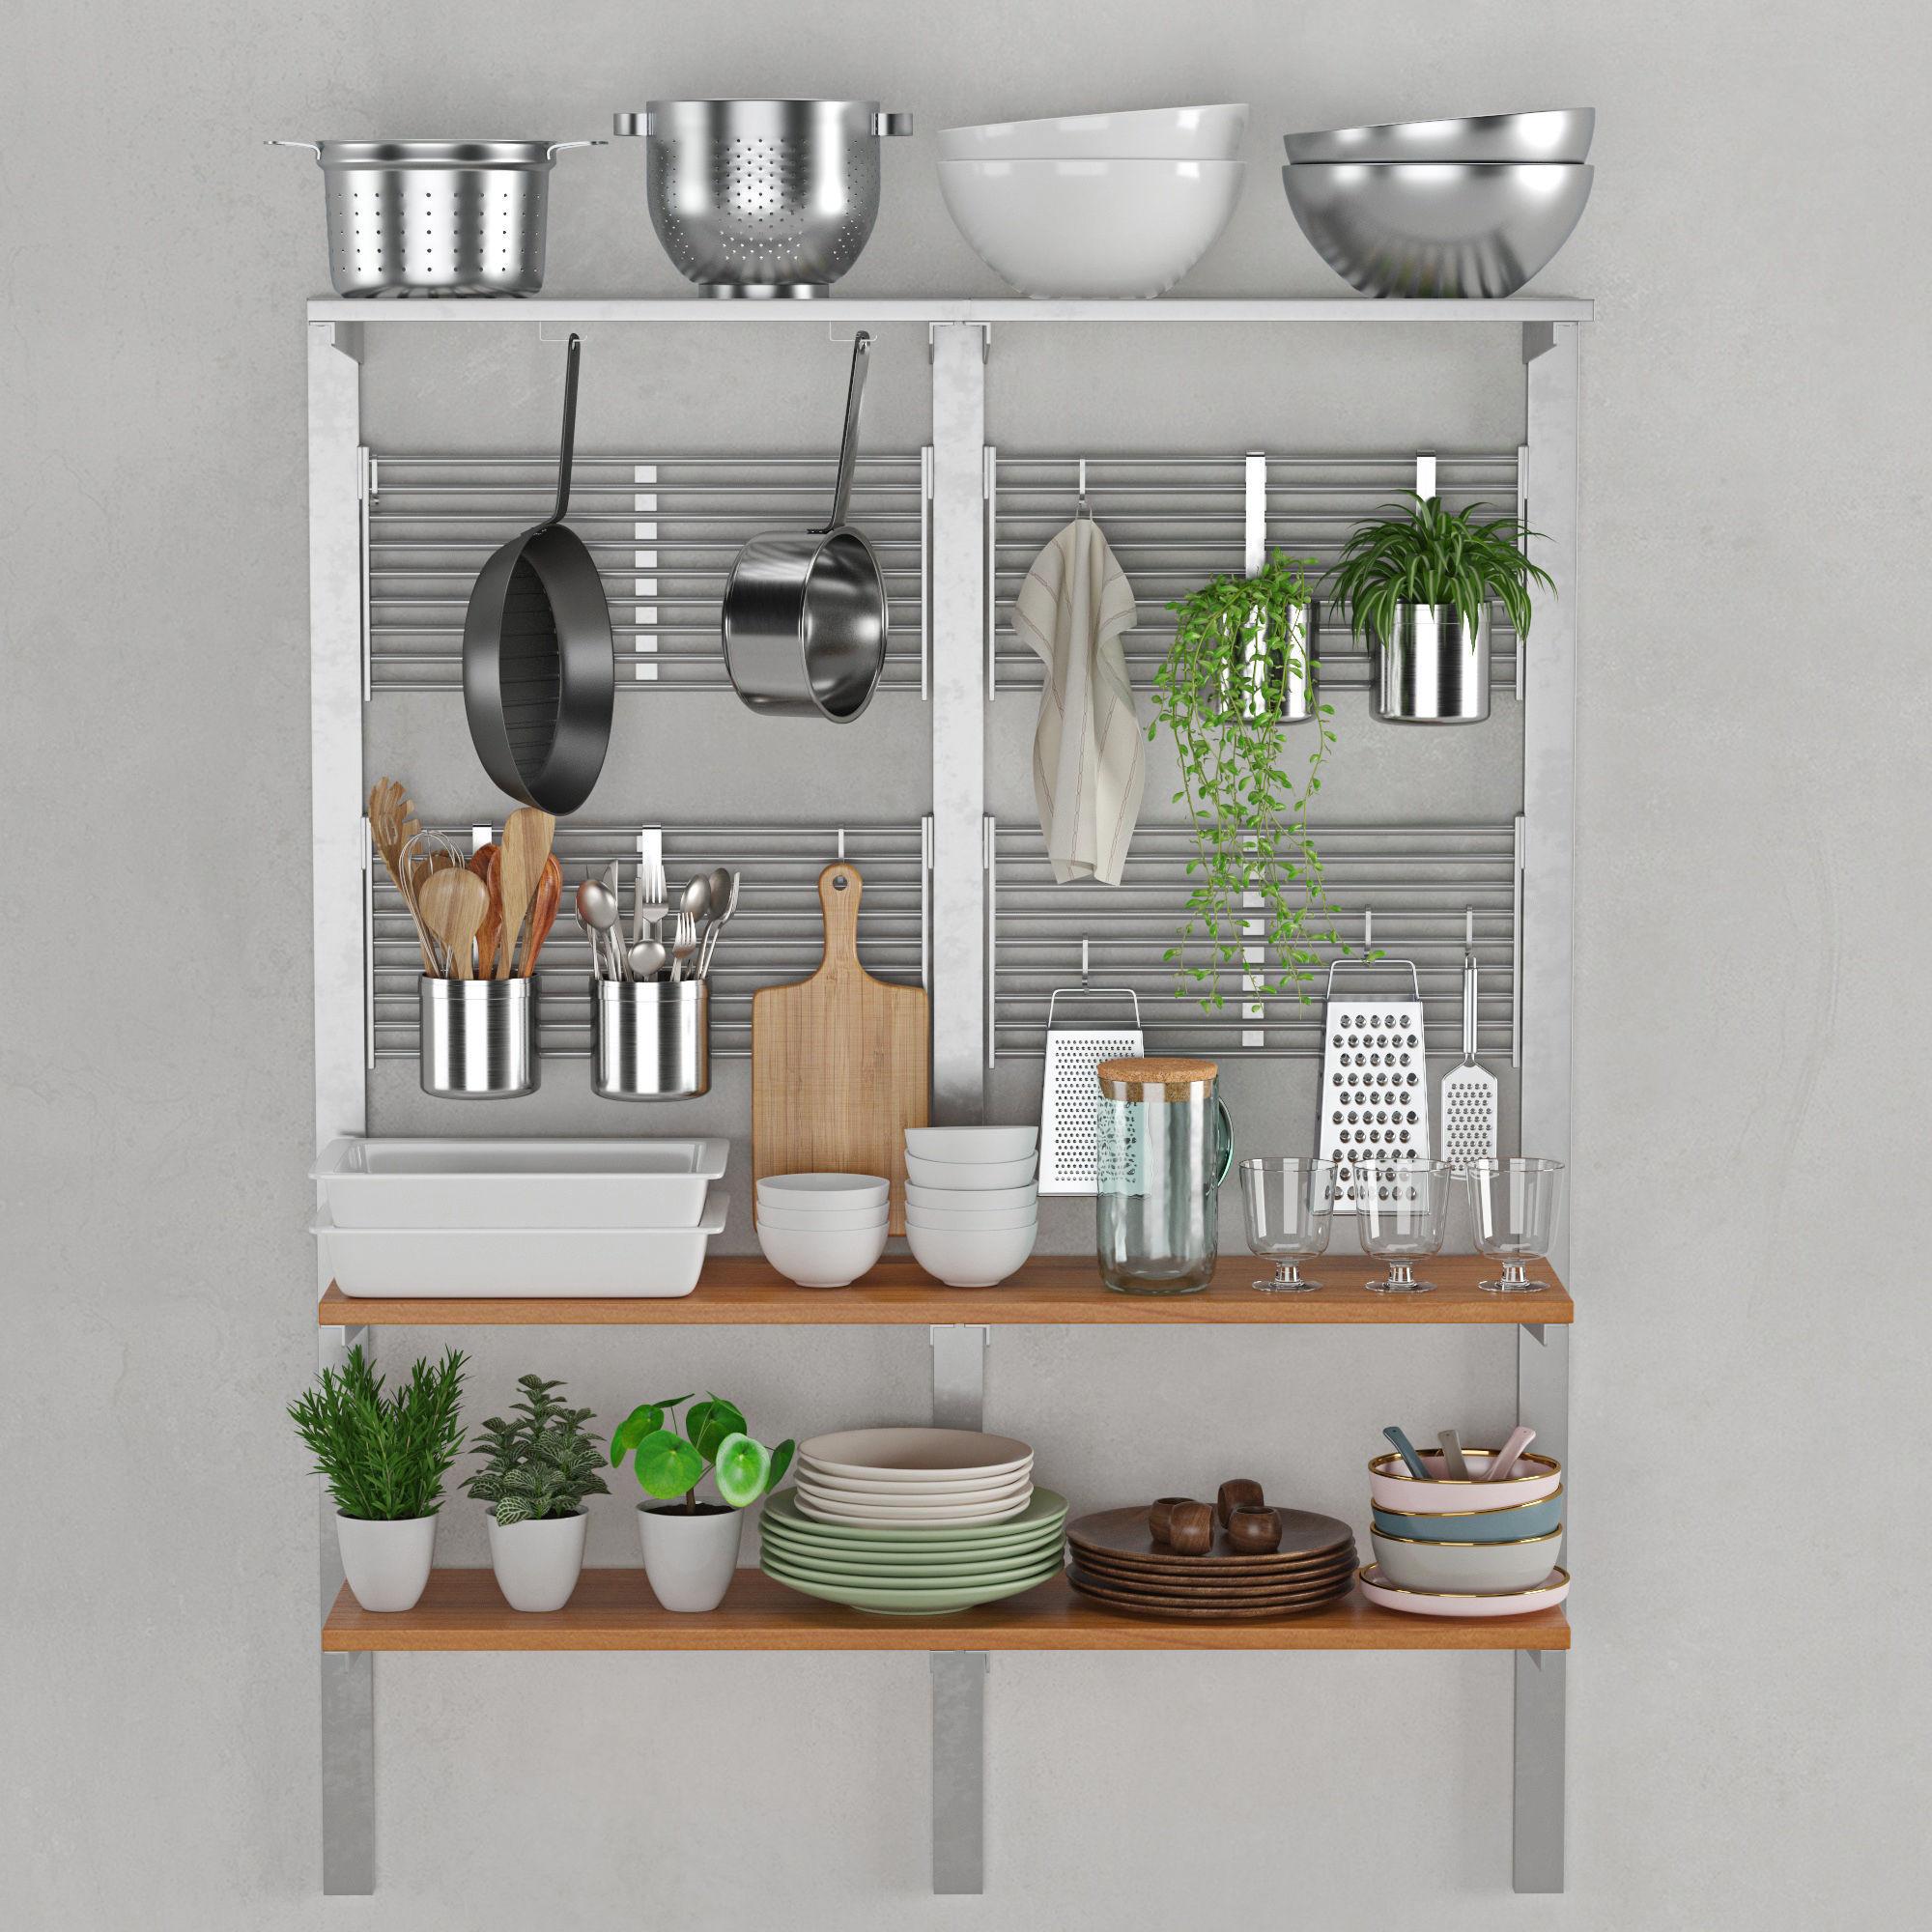 Kitchenware and Tableware 22